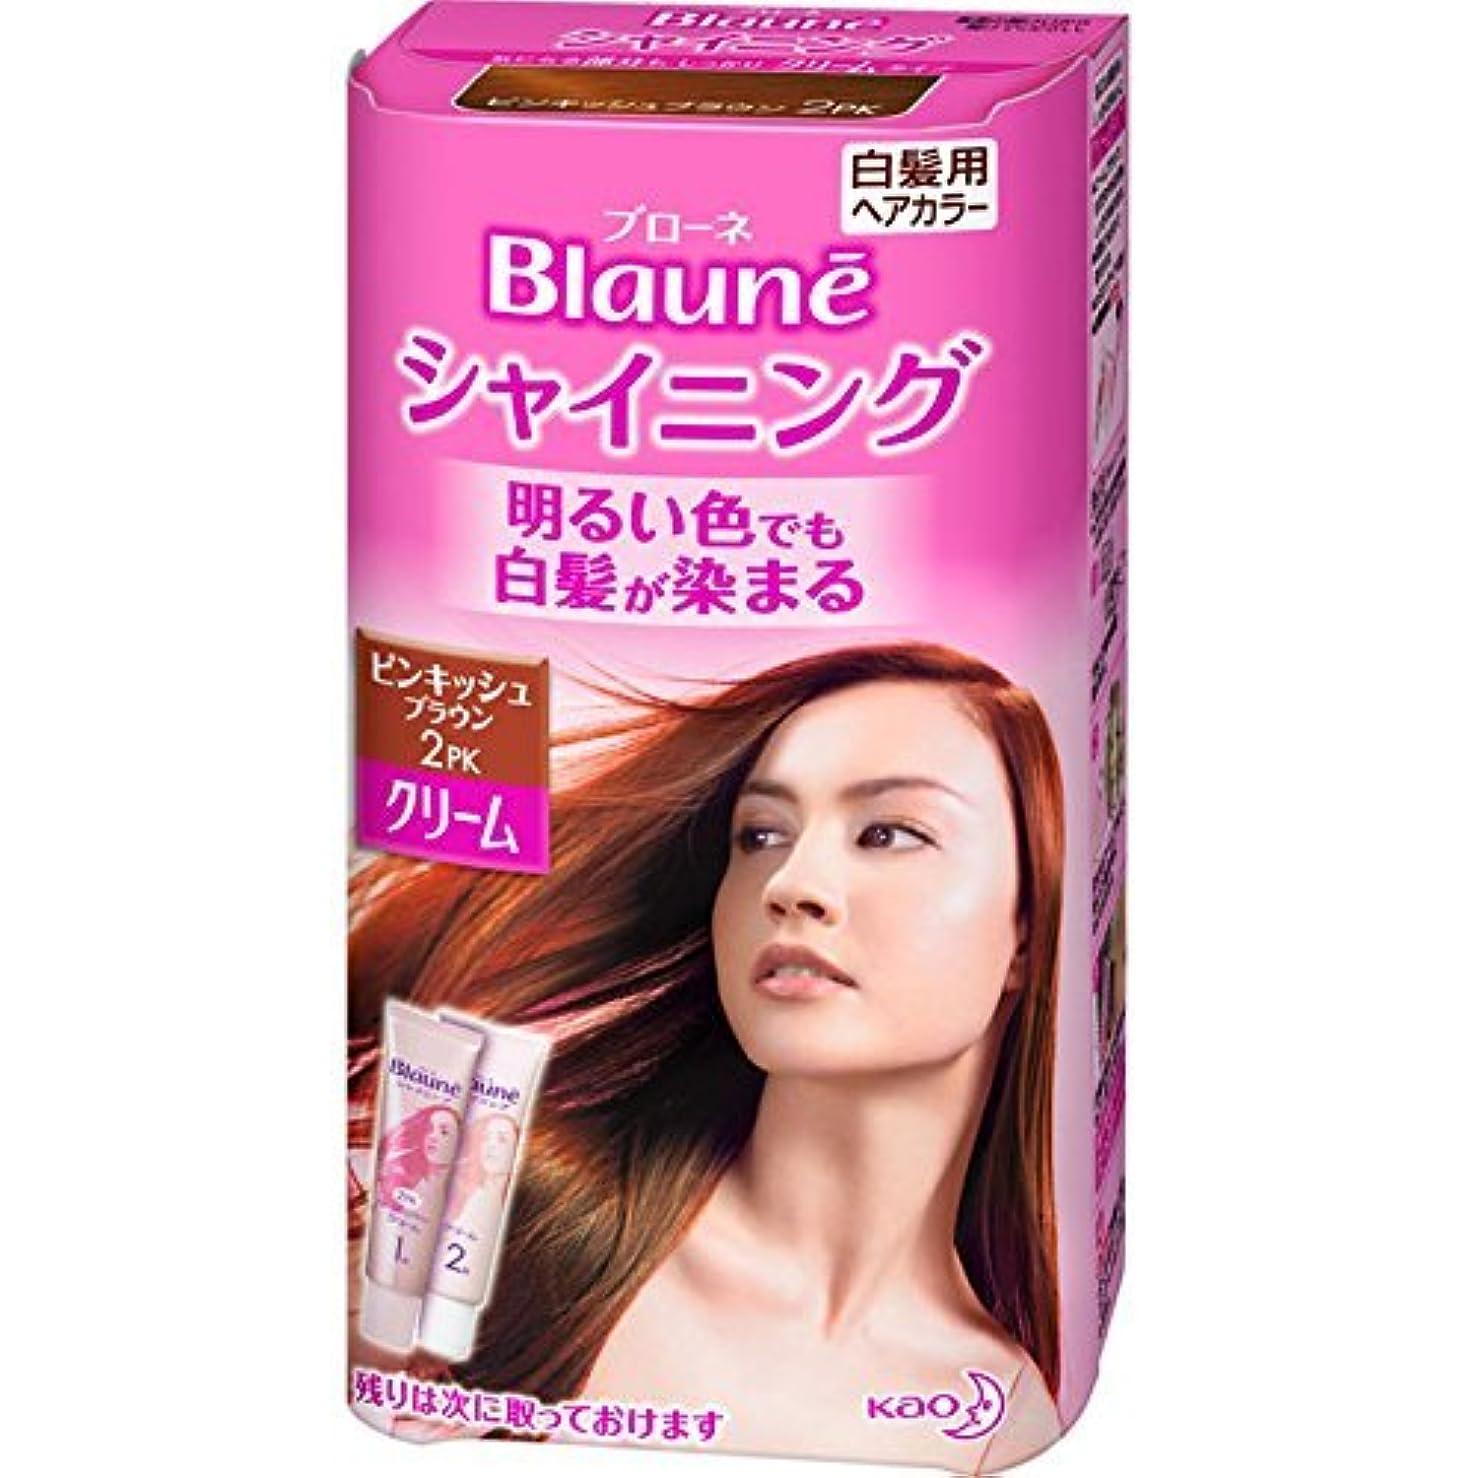 ブラストできれば湿原花王 ブローネ シャイニングヘアカラー クリーム 2PK 1剤50g/2剤50g(医薬部外品)《各50g》